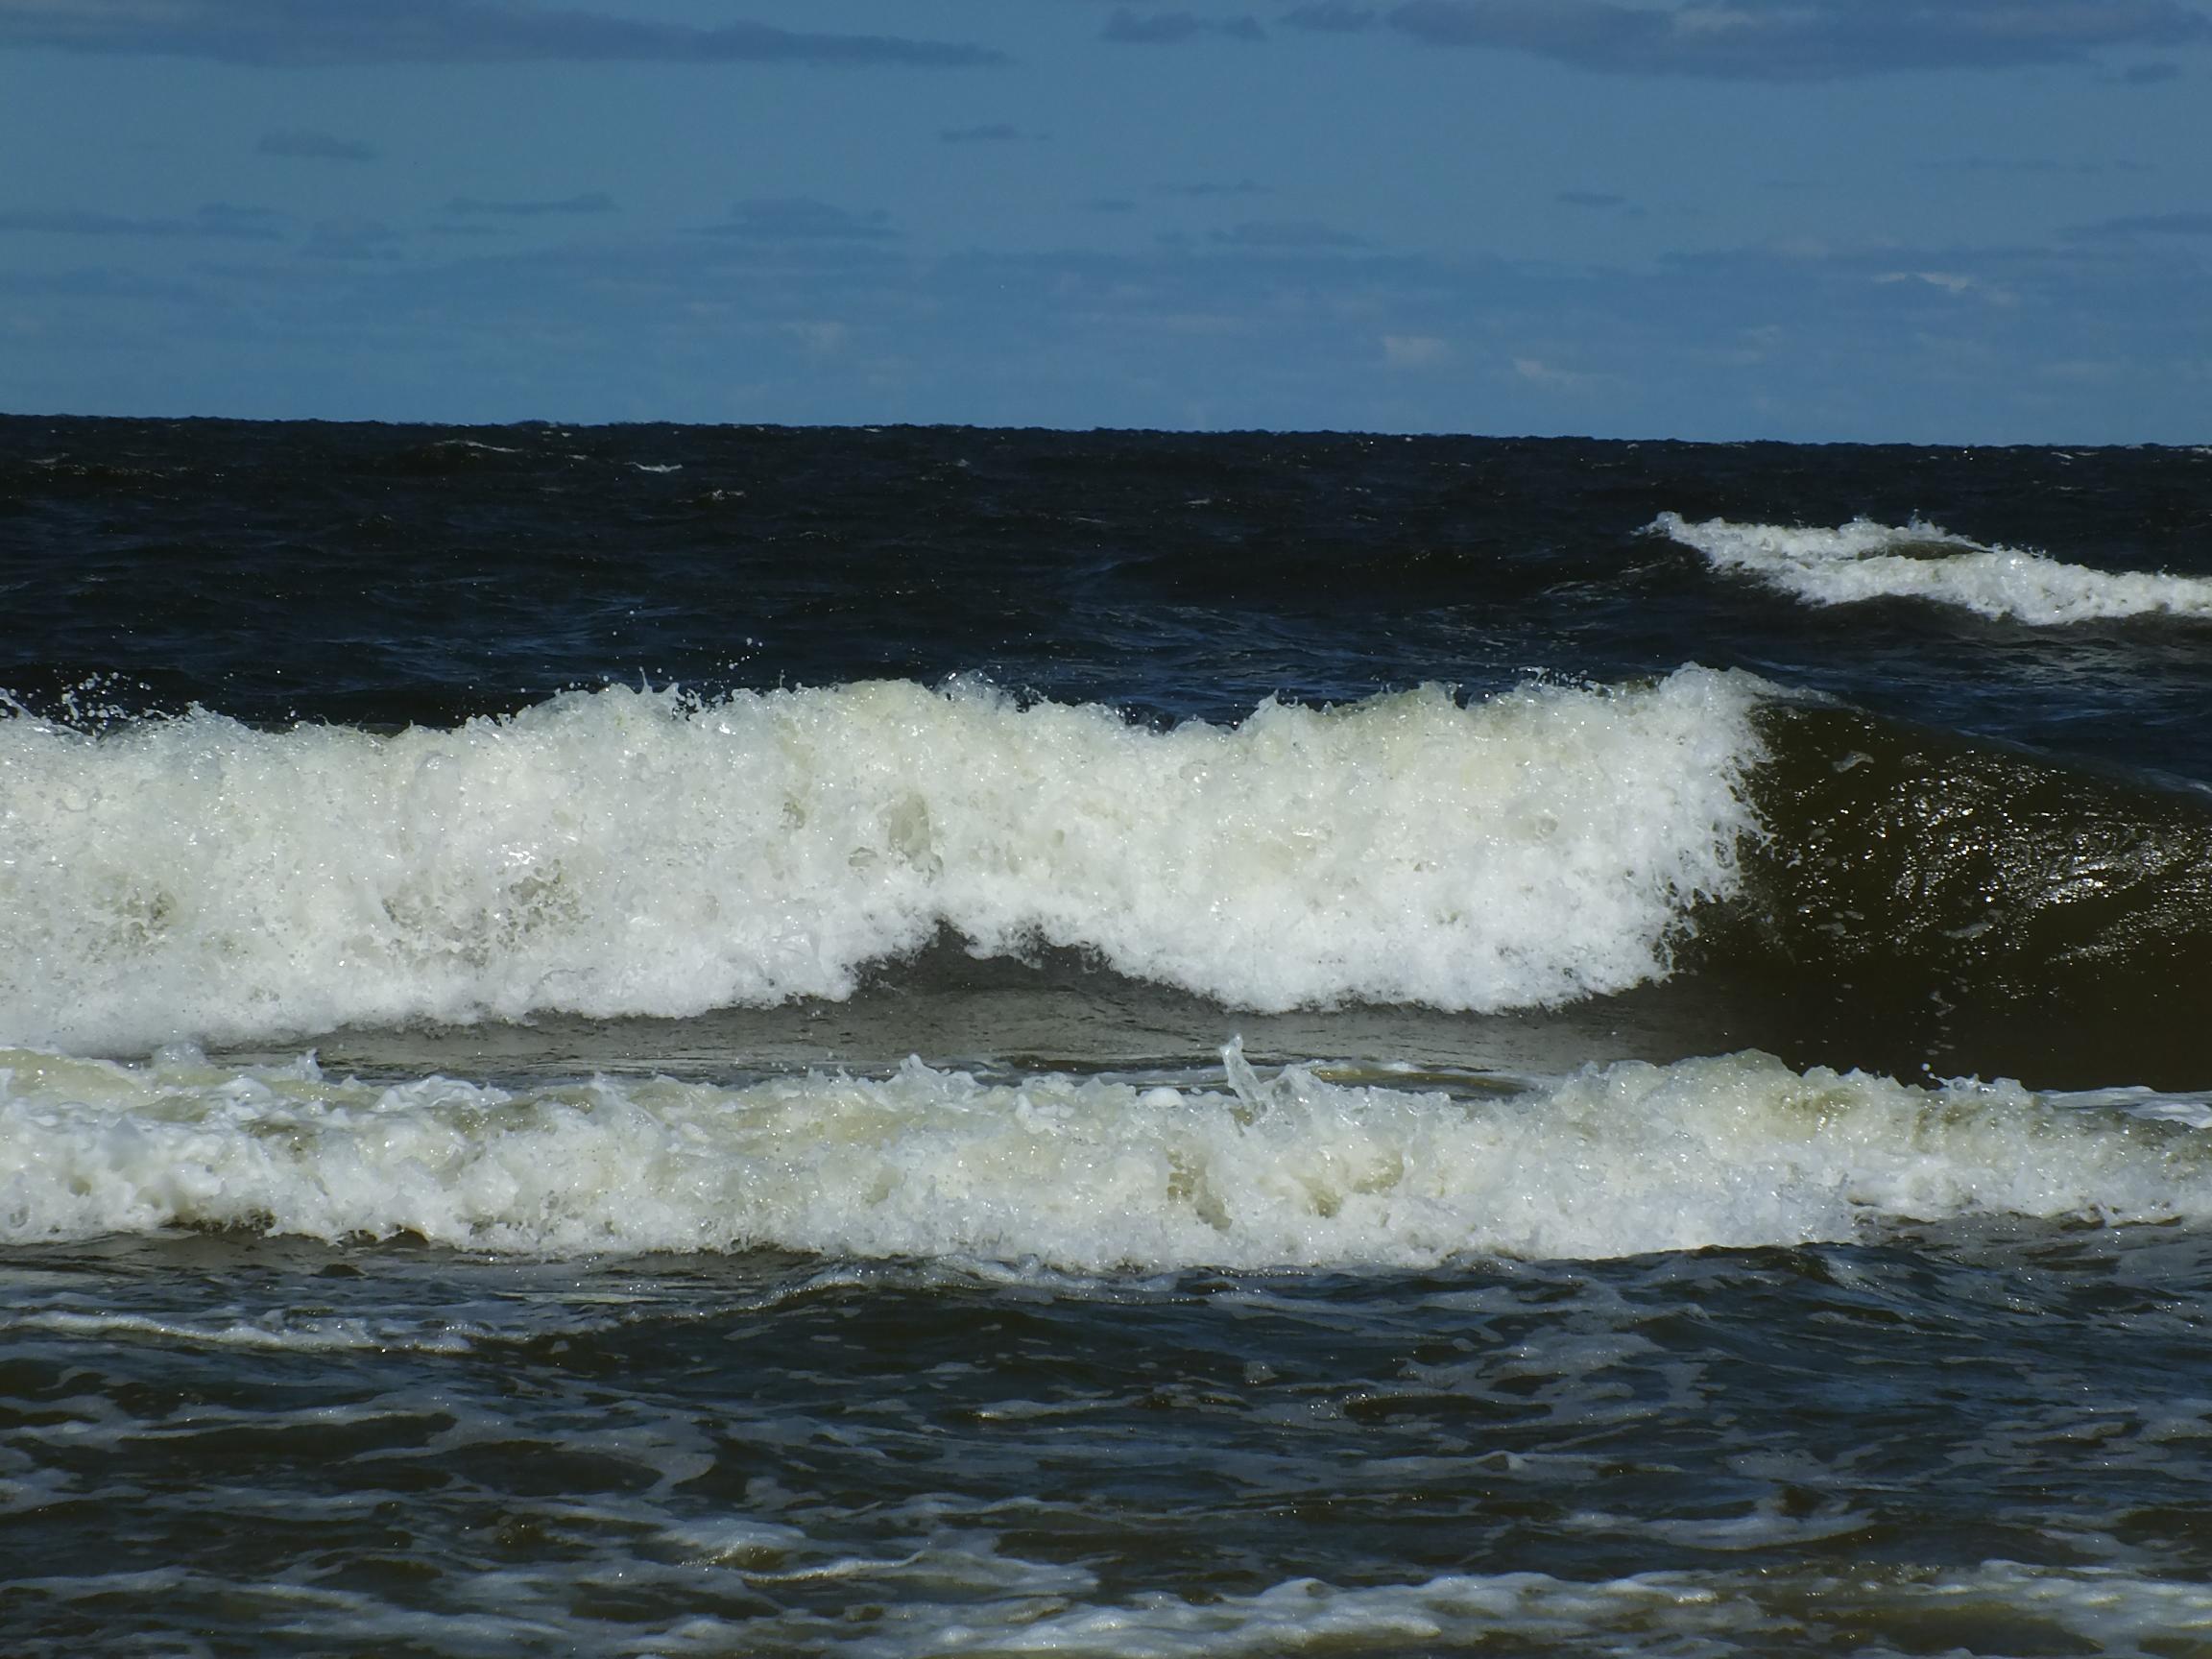 Wielka fala na wyspie sobieszewskiej